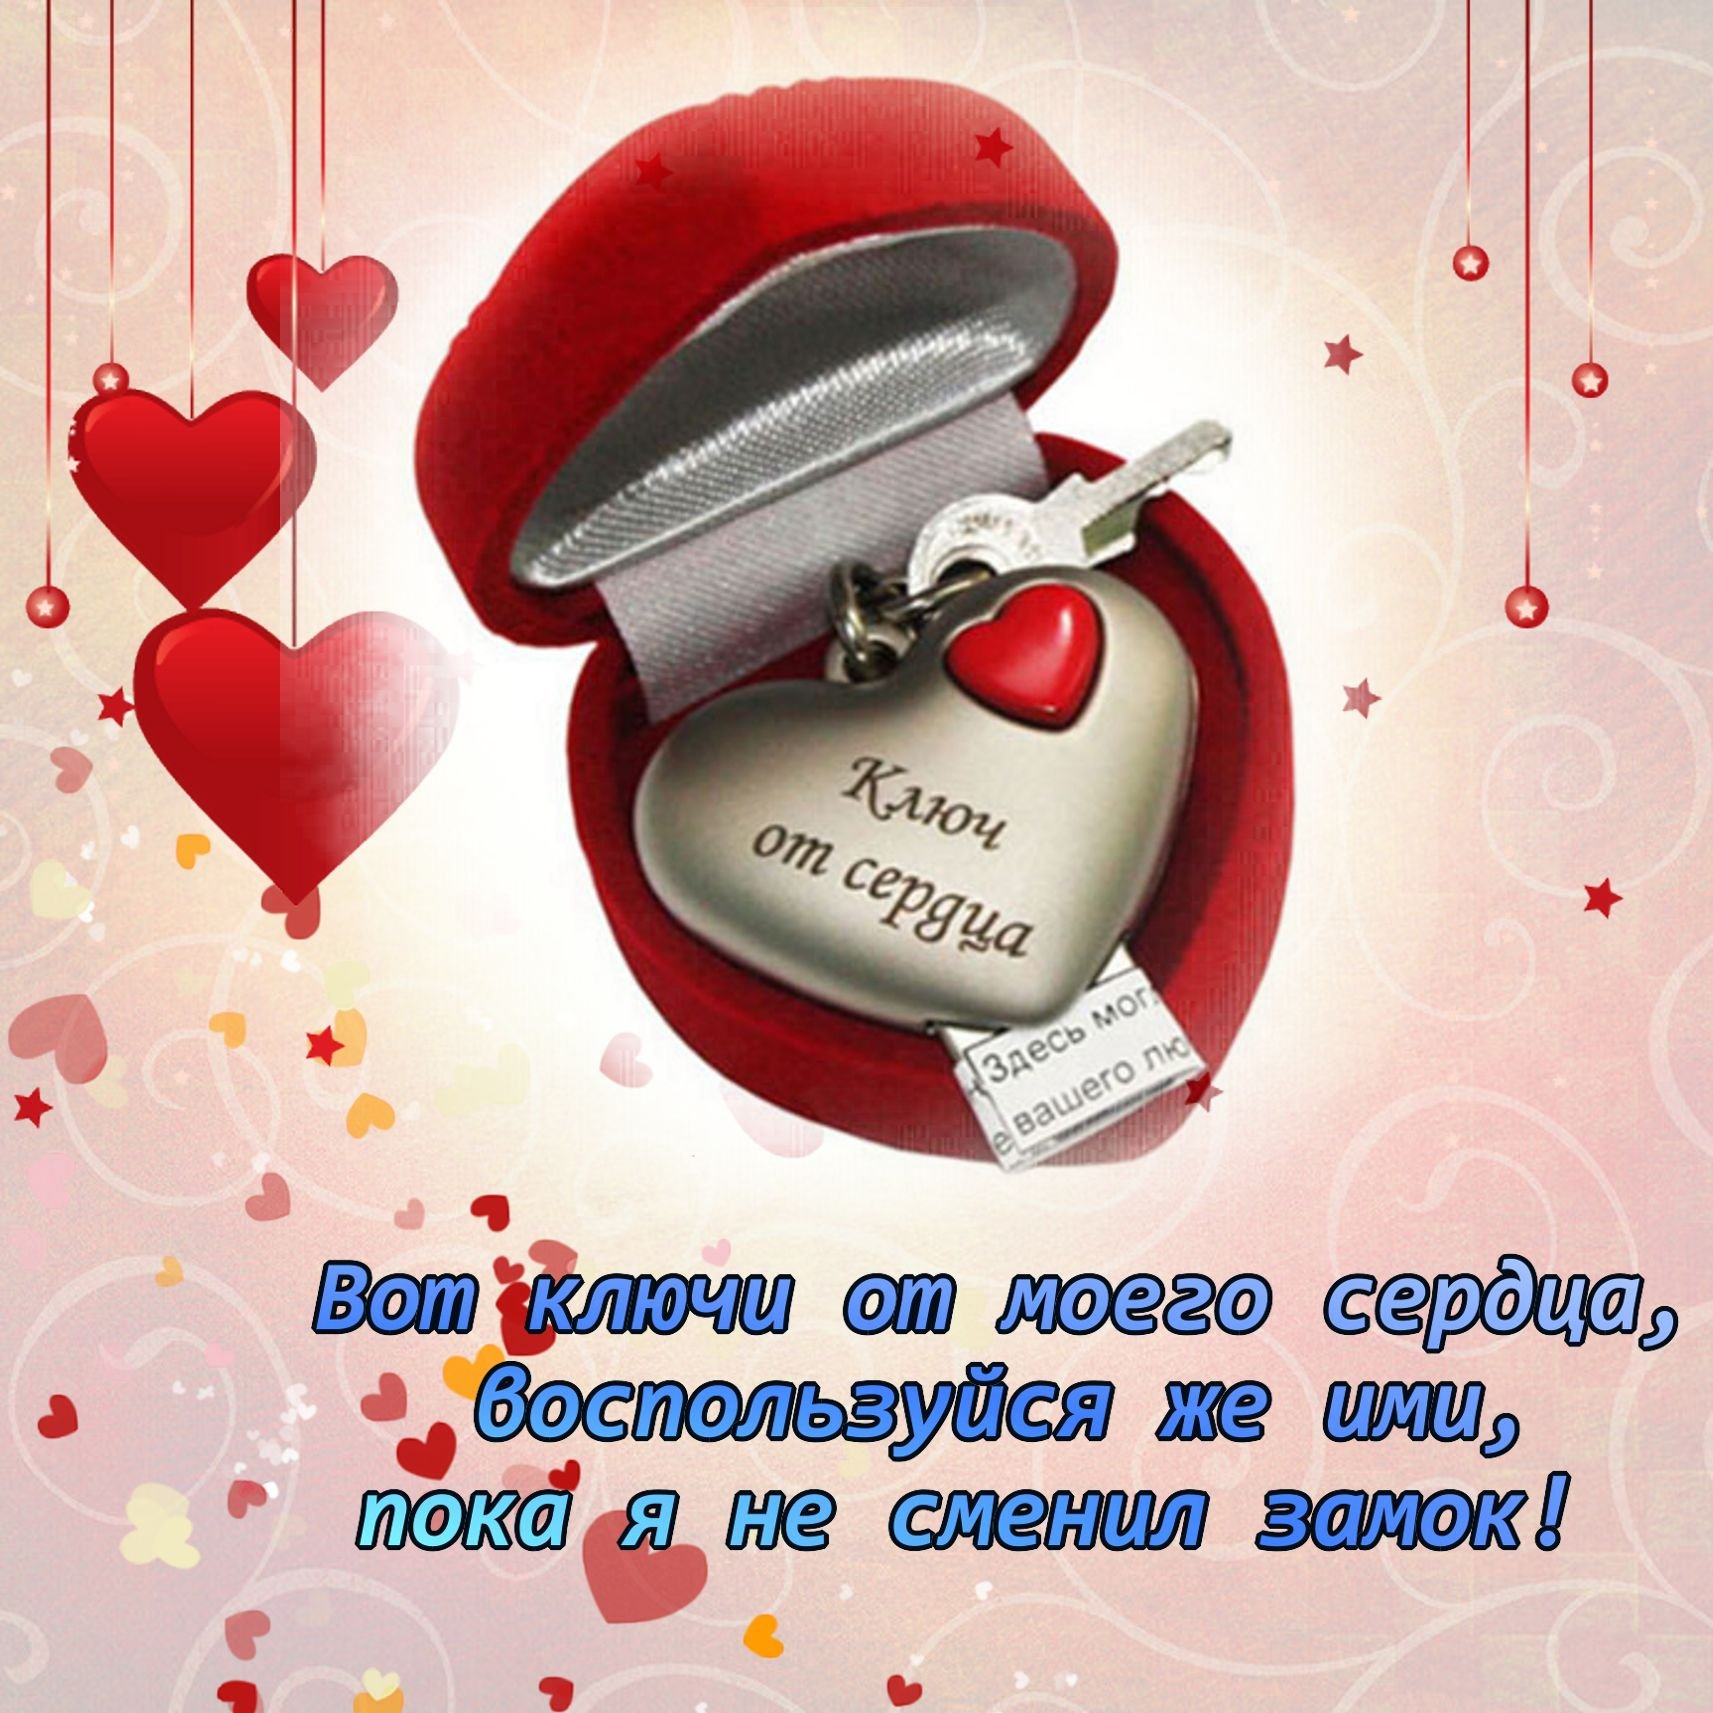 Открытки с днем влюбленных 14 февраля прикольные хочу, поздравления годиком сыночка